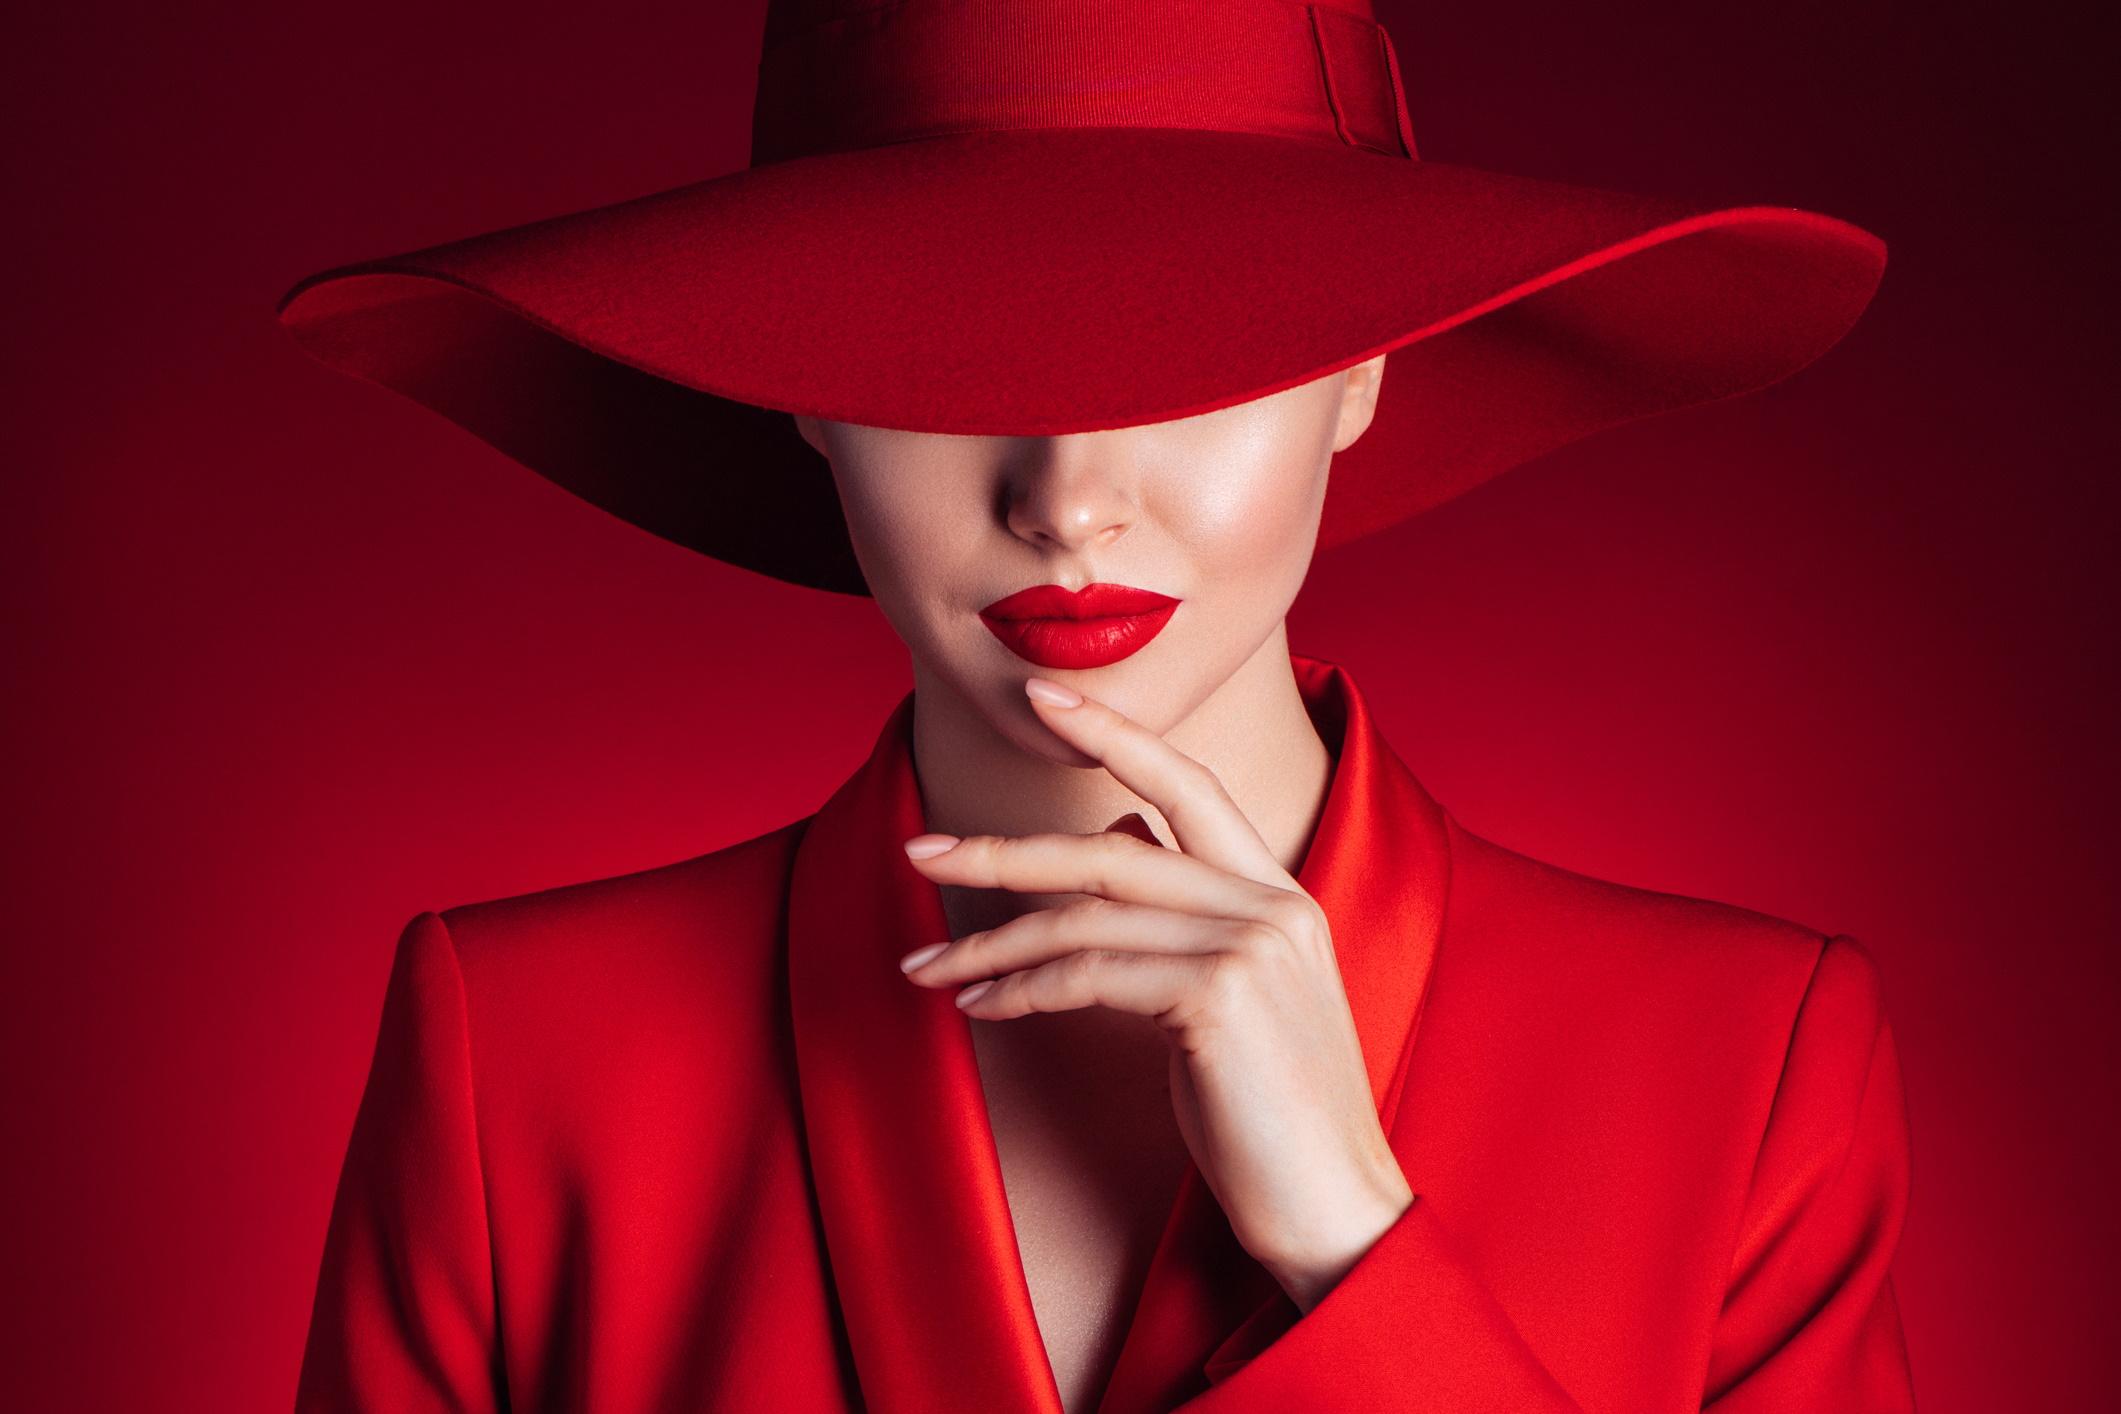 <p><strong>Червено</strong></p>  <p>Да, червеният цвят може да донесе асоциации с агресия и господство. Изследователите са установили, че атлетите, които носят този цвят, са с 5% по-голяма вероятност да спечелят. Проучванията сочат, че този цвят привлича мъжете. Има асоциация с любов и страст. Така че, ако искате да бъдете забелязани, носете червено.</p>